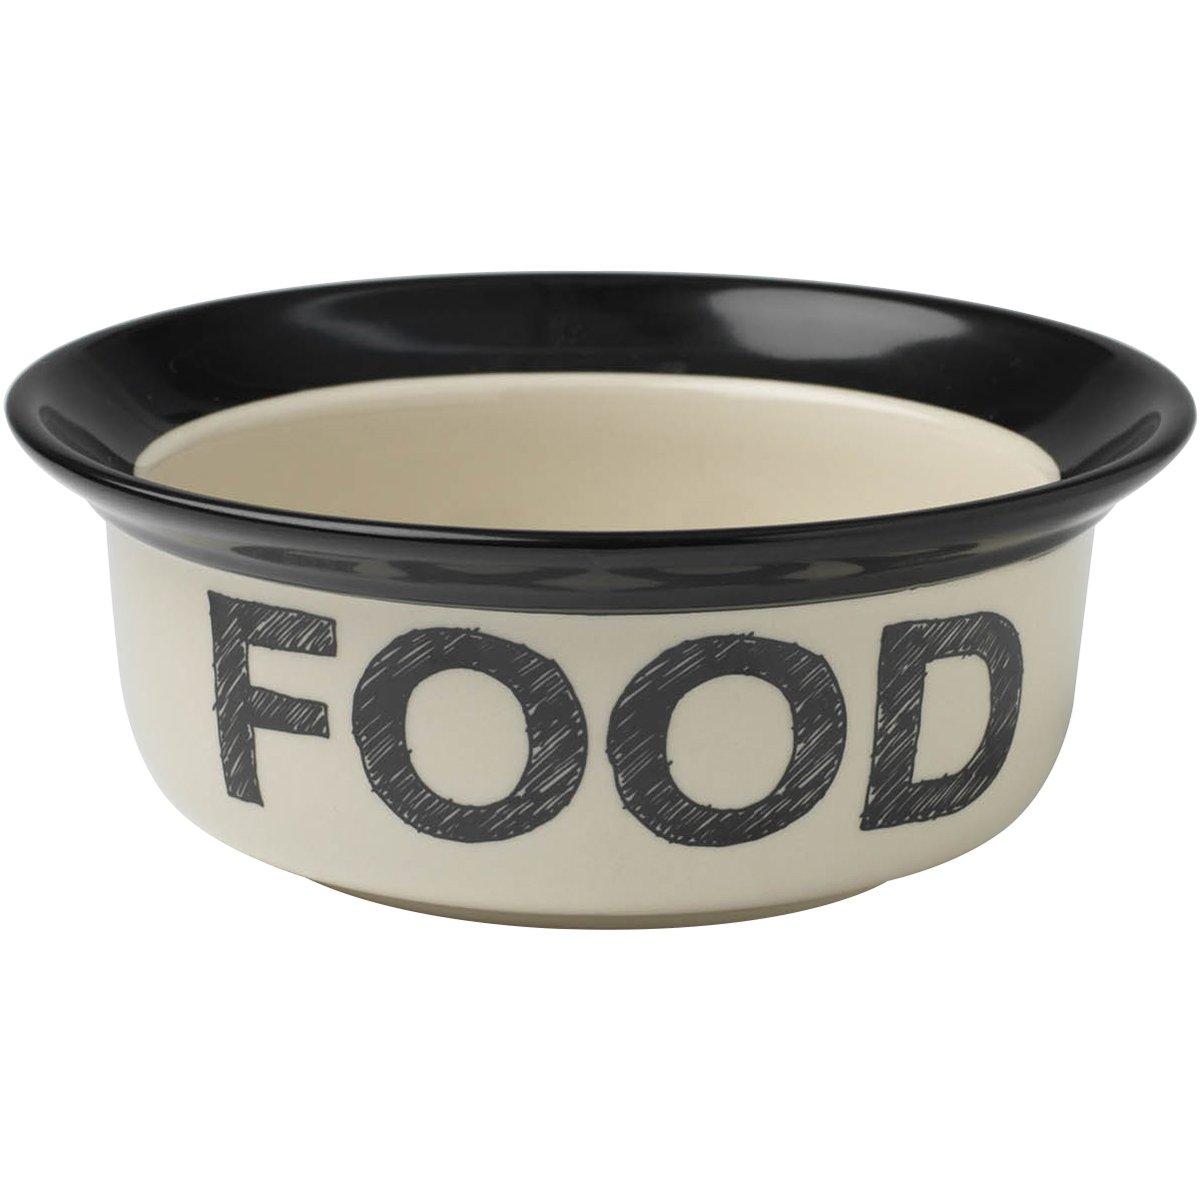 Petrageous Designs Bowls